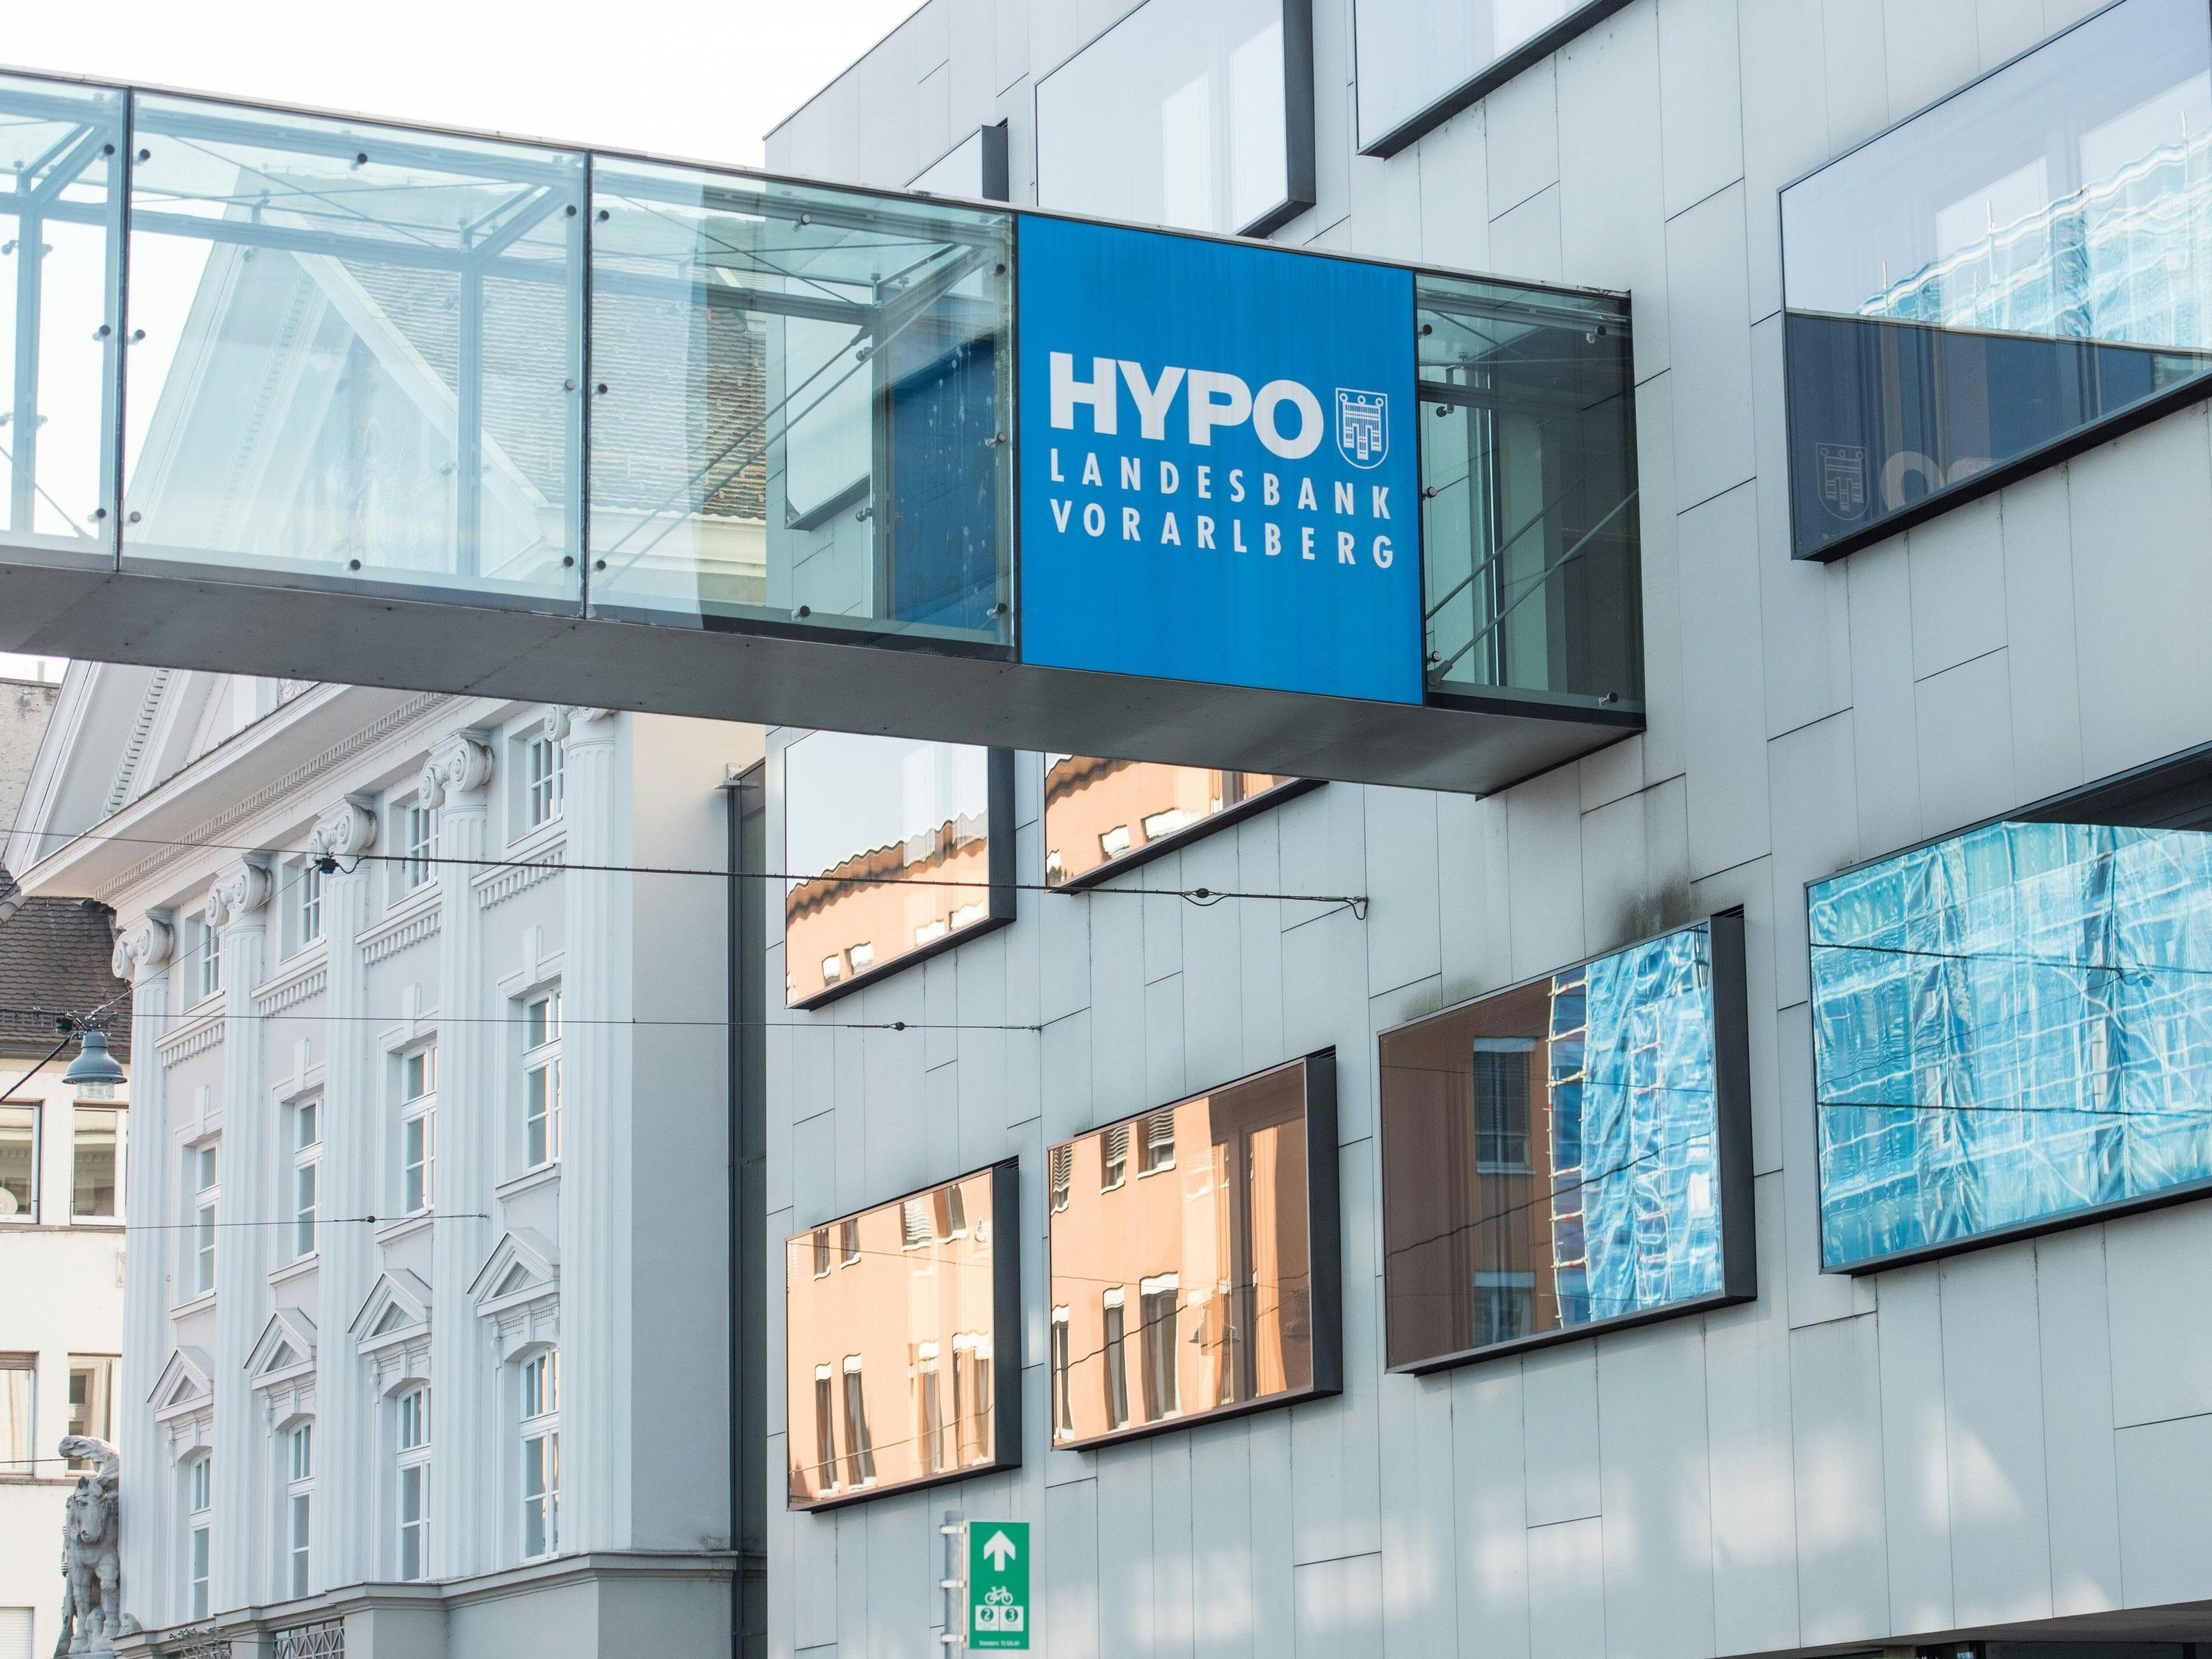 Hypo Vorarlberg ändert Firmenname und Logo.